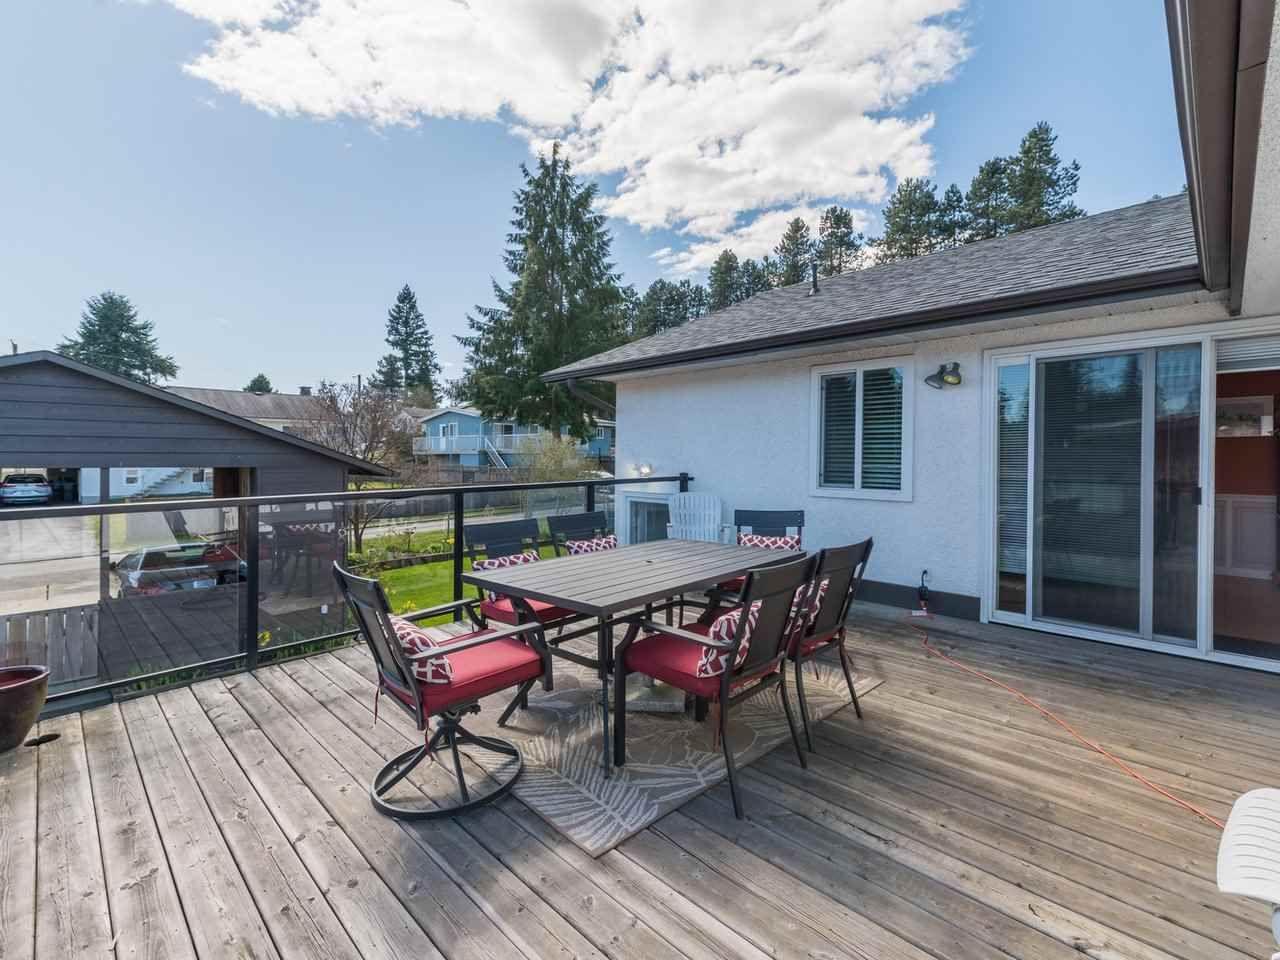 Photo 39: Photos: 808 REGAN Avenue in Coquitlam: Coquitlam West House for sale : MLS®# R2563486